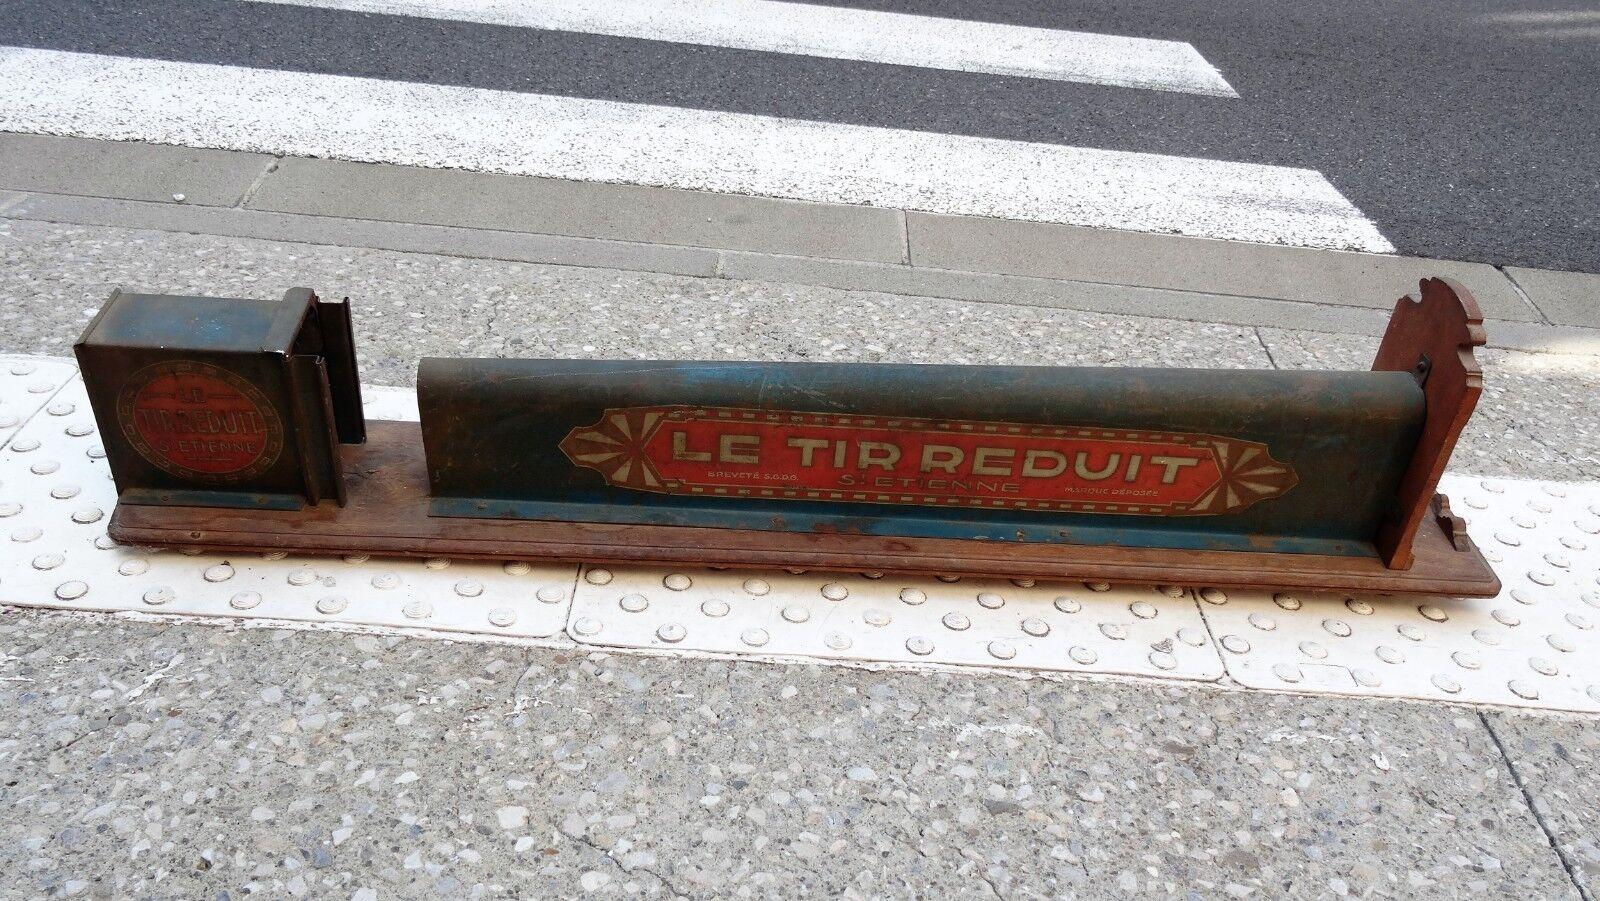 Le tir réduit Saint Etienne - - - Rare jeu stand de tir forain ancien 0f3b78